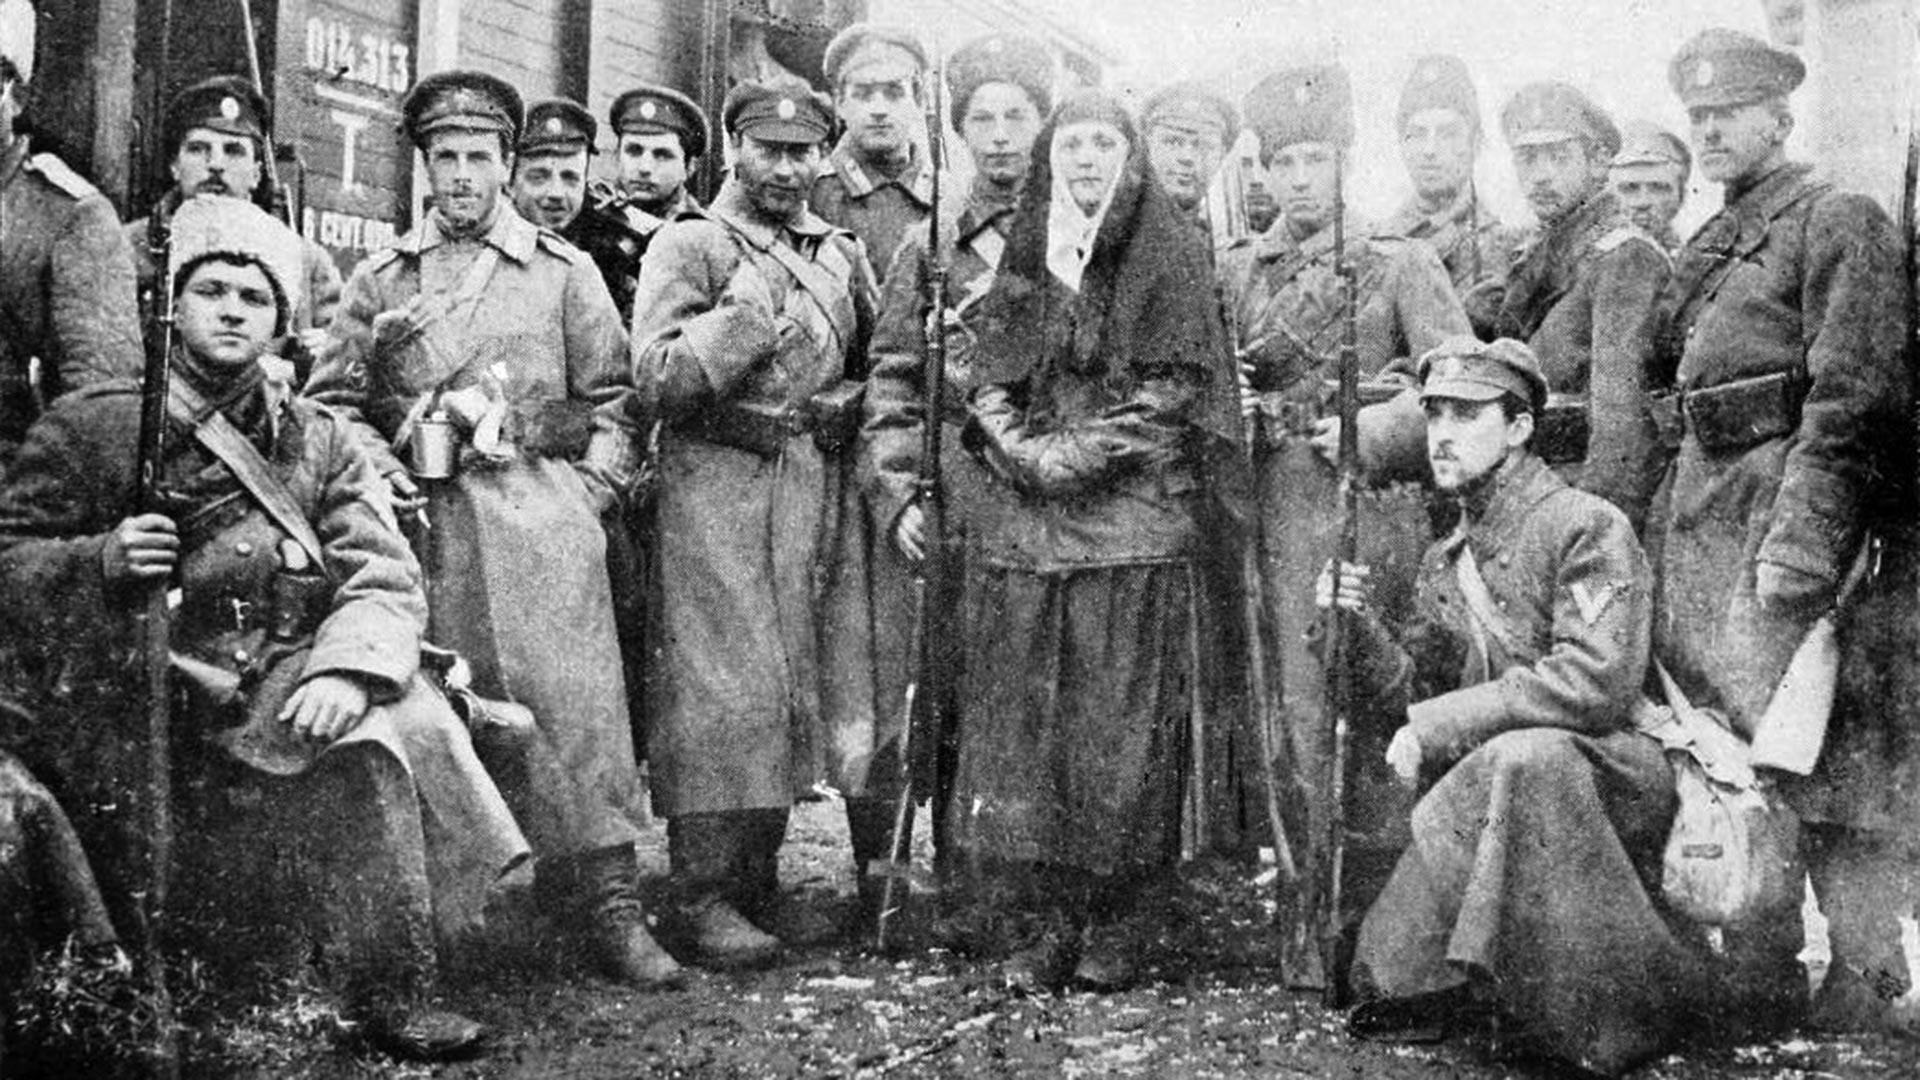 Die Soldaten der Weißen Garde